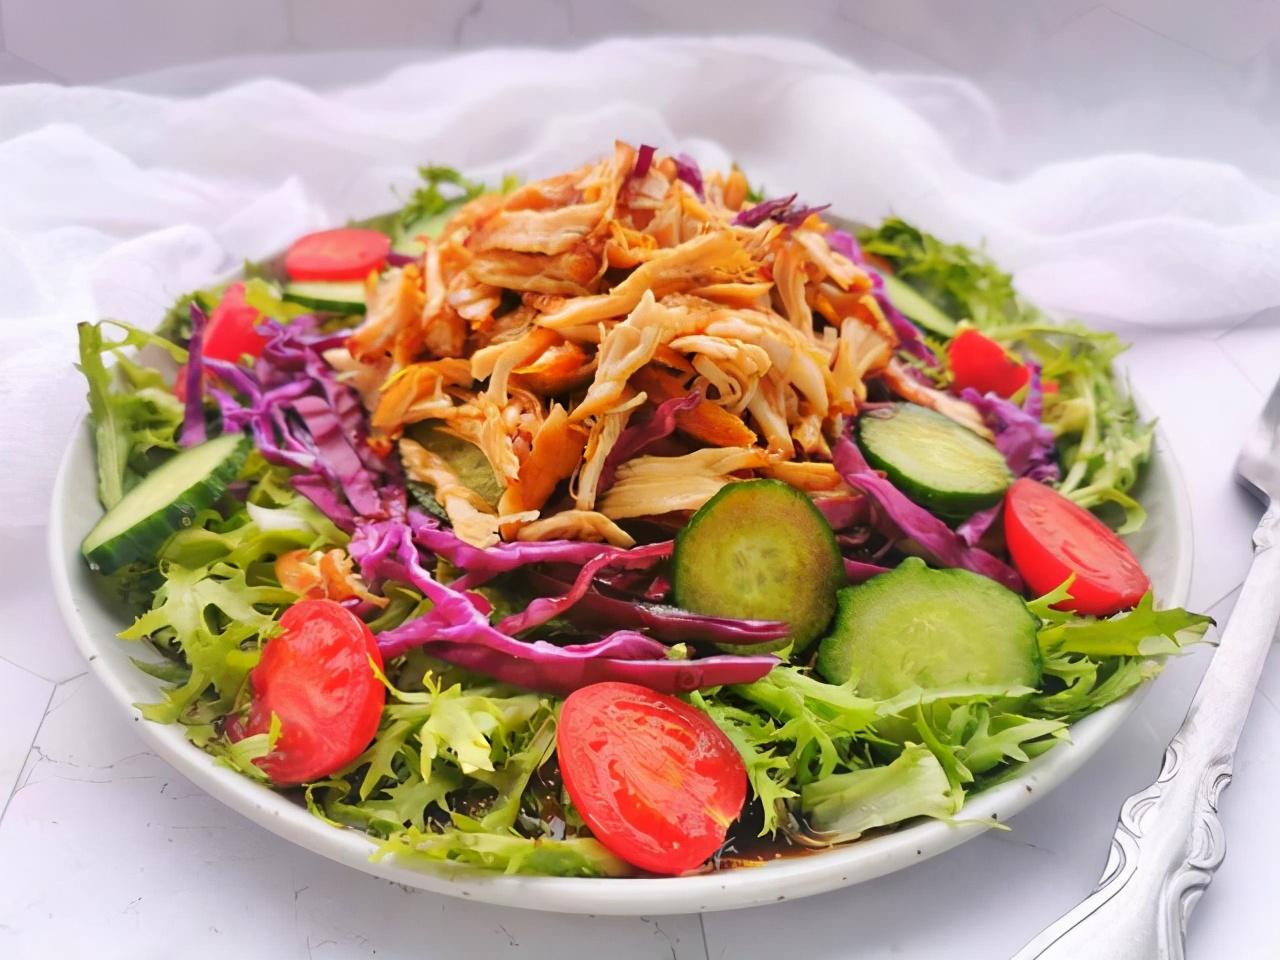 减肥无需饿肚子,分享8道减脂菜,低脂粗纤维,大肚腩越来越小 减肥菜谱 第1张